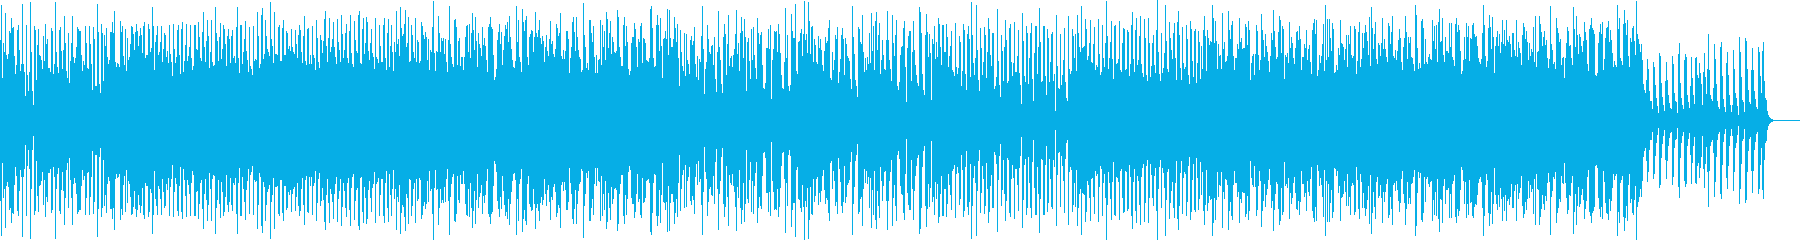 力強いストリングスロックの再生済みの波形